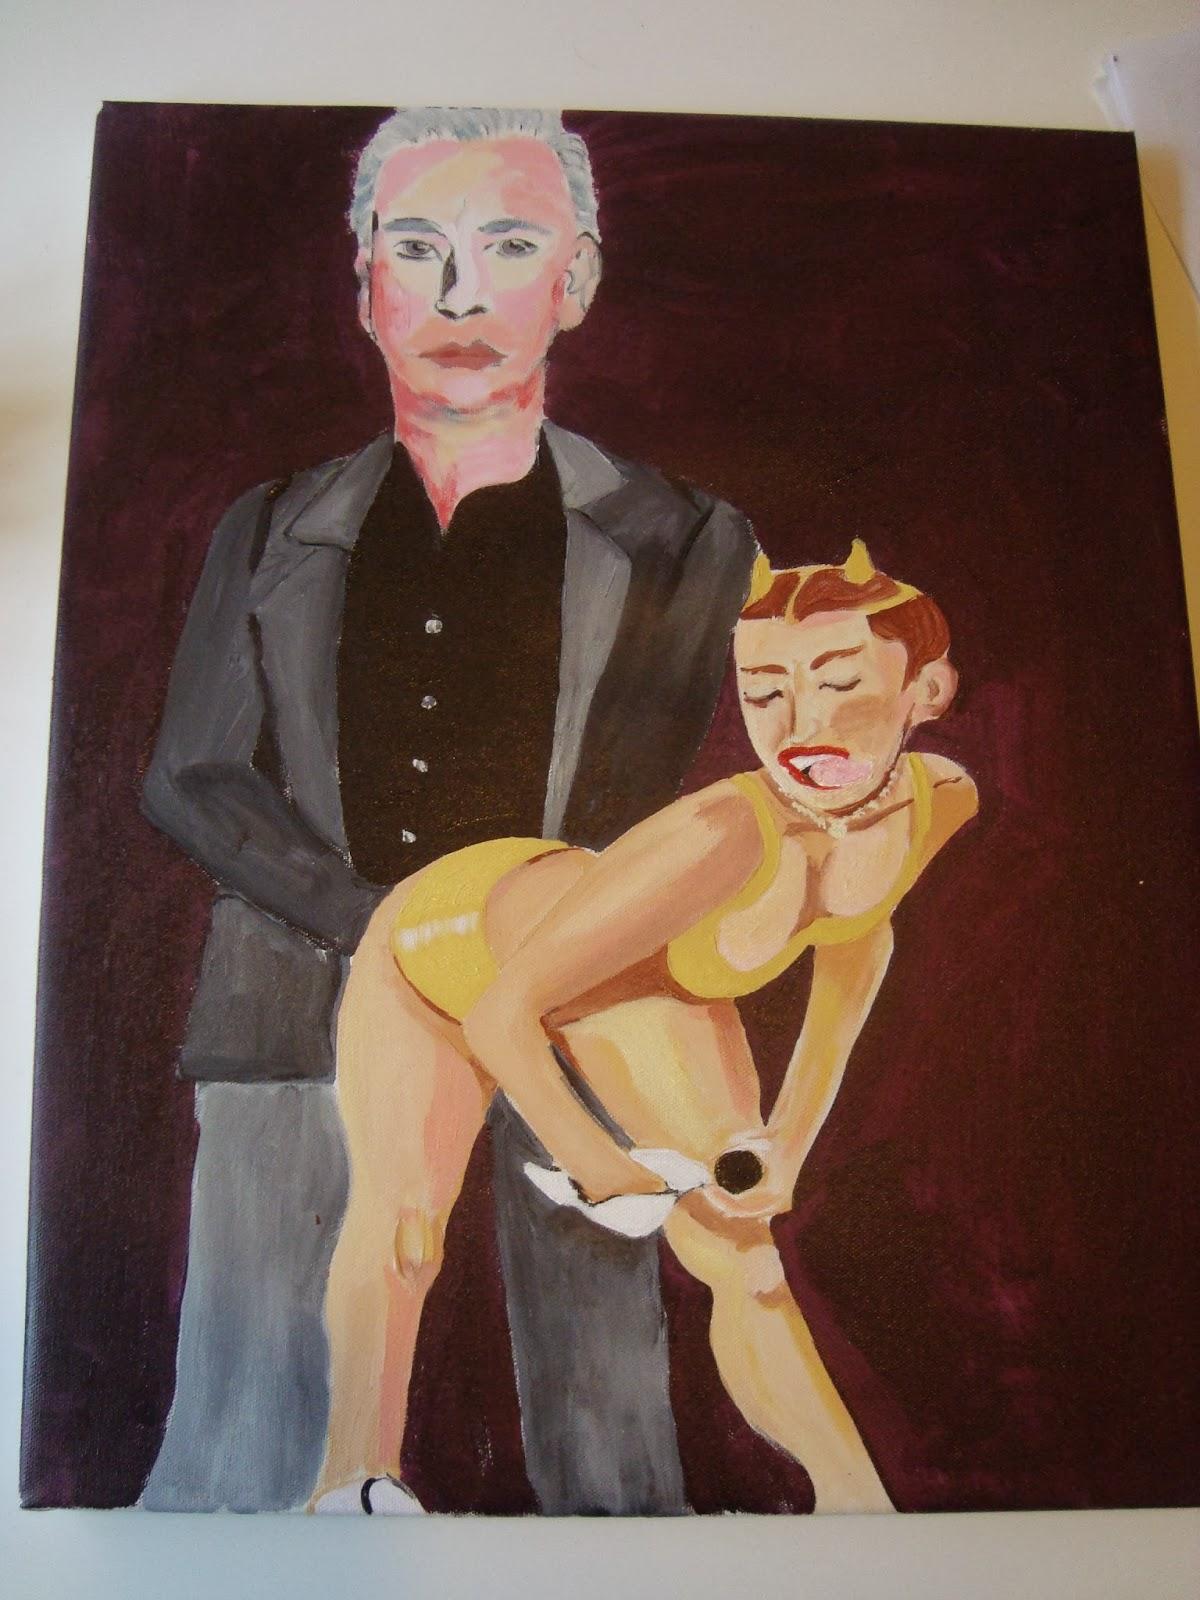 Miley cyrus twerking two black dicks 7